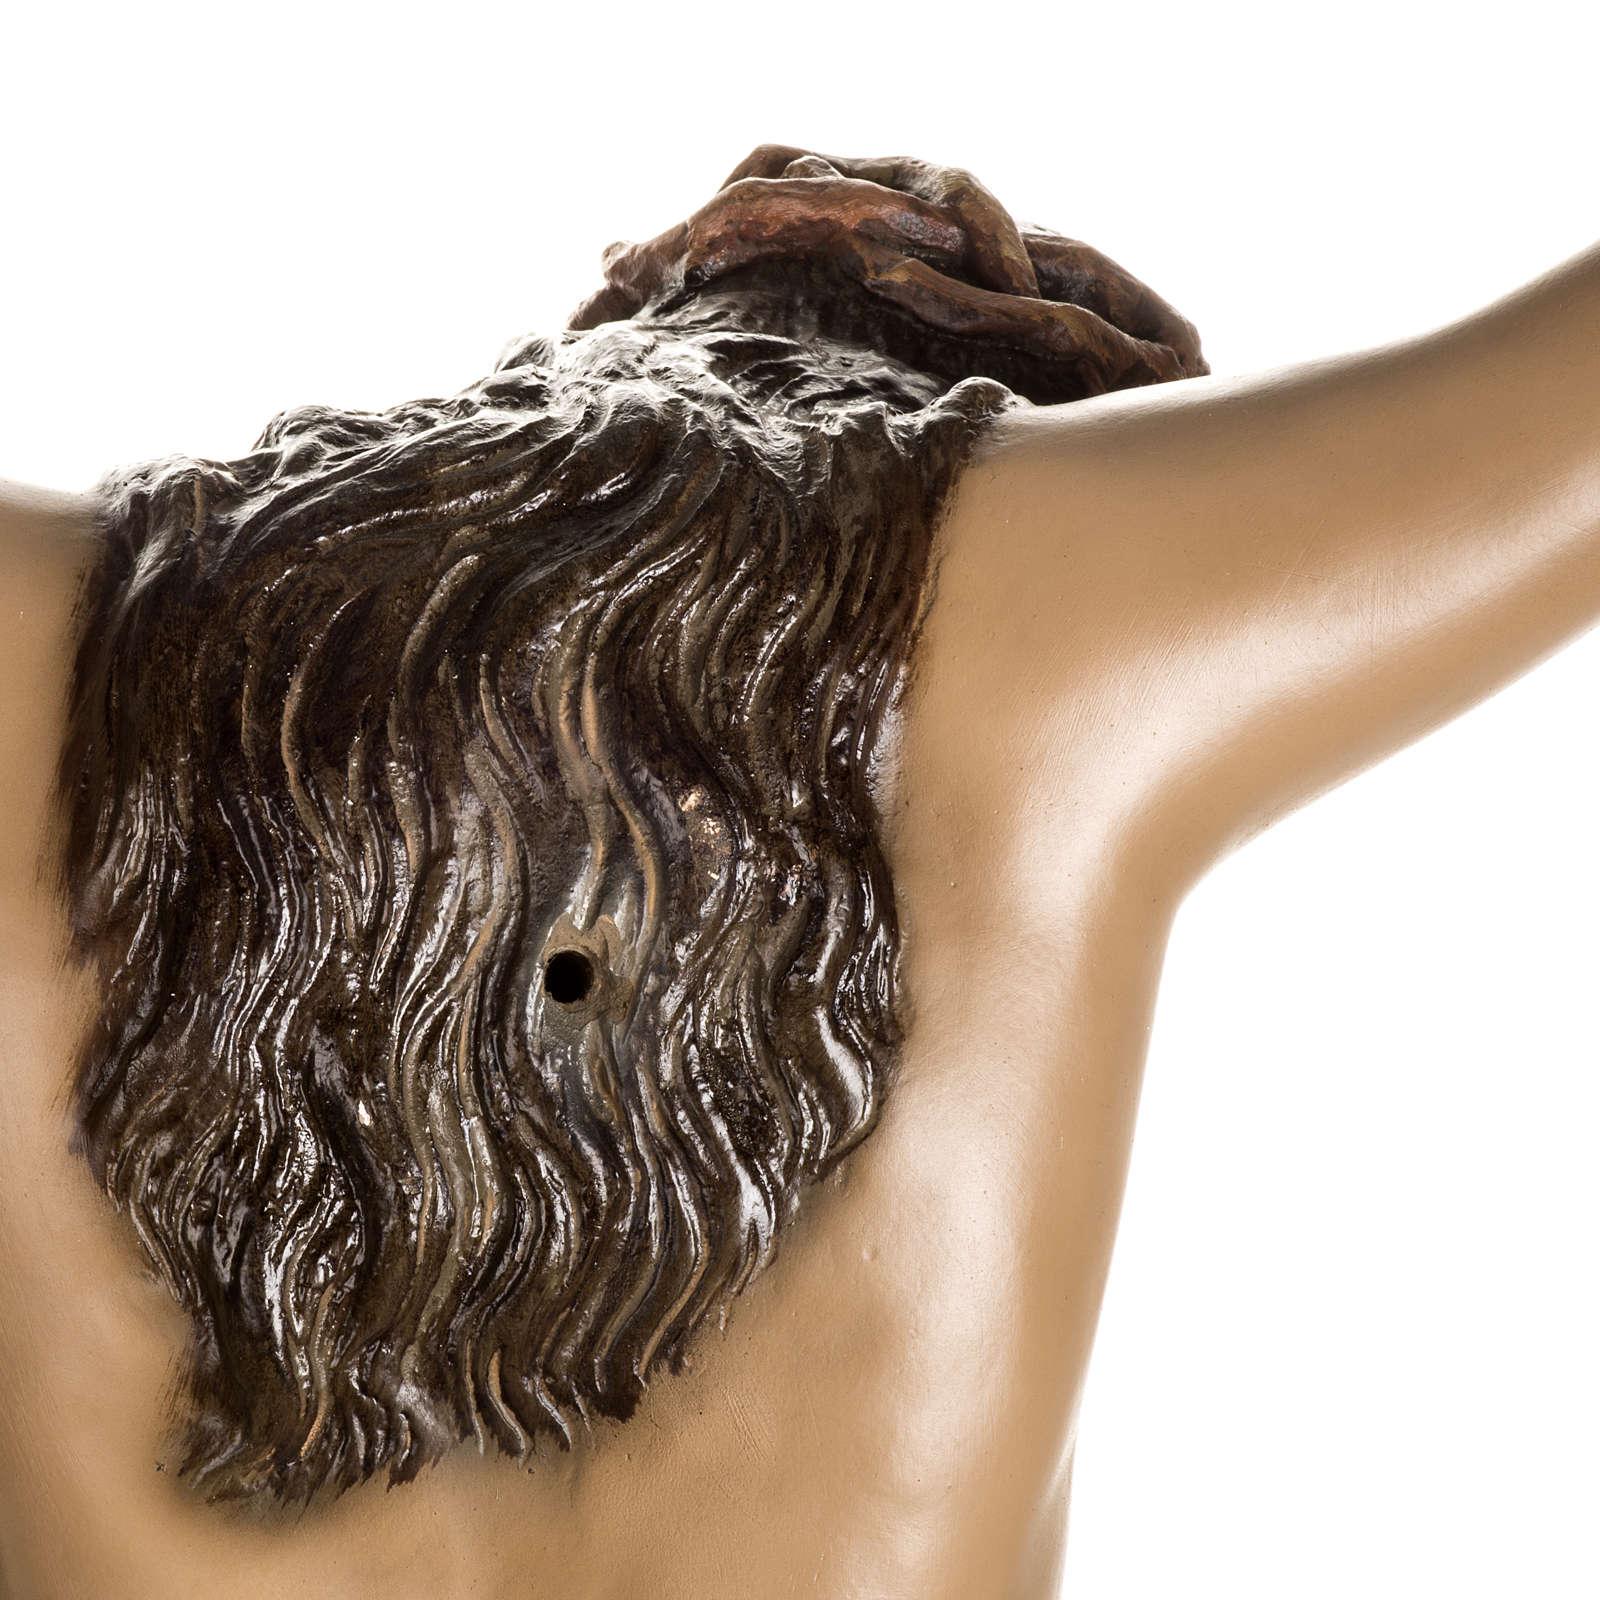 Cuerpo de Cristo muerto pasta de madera dec. antigua 4